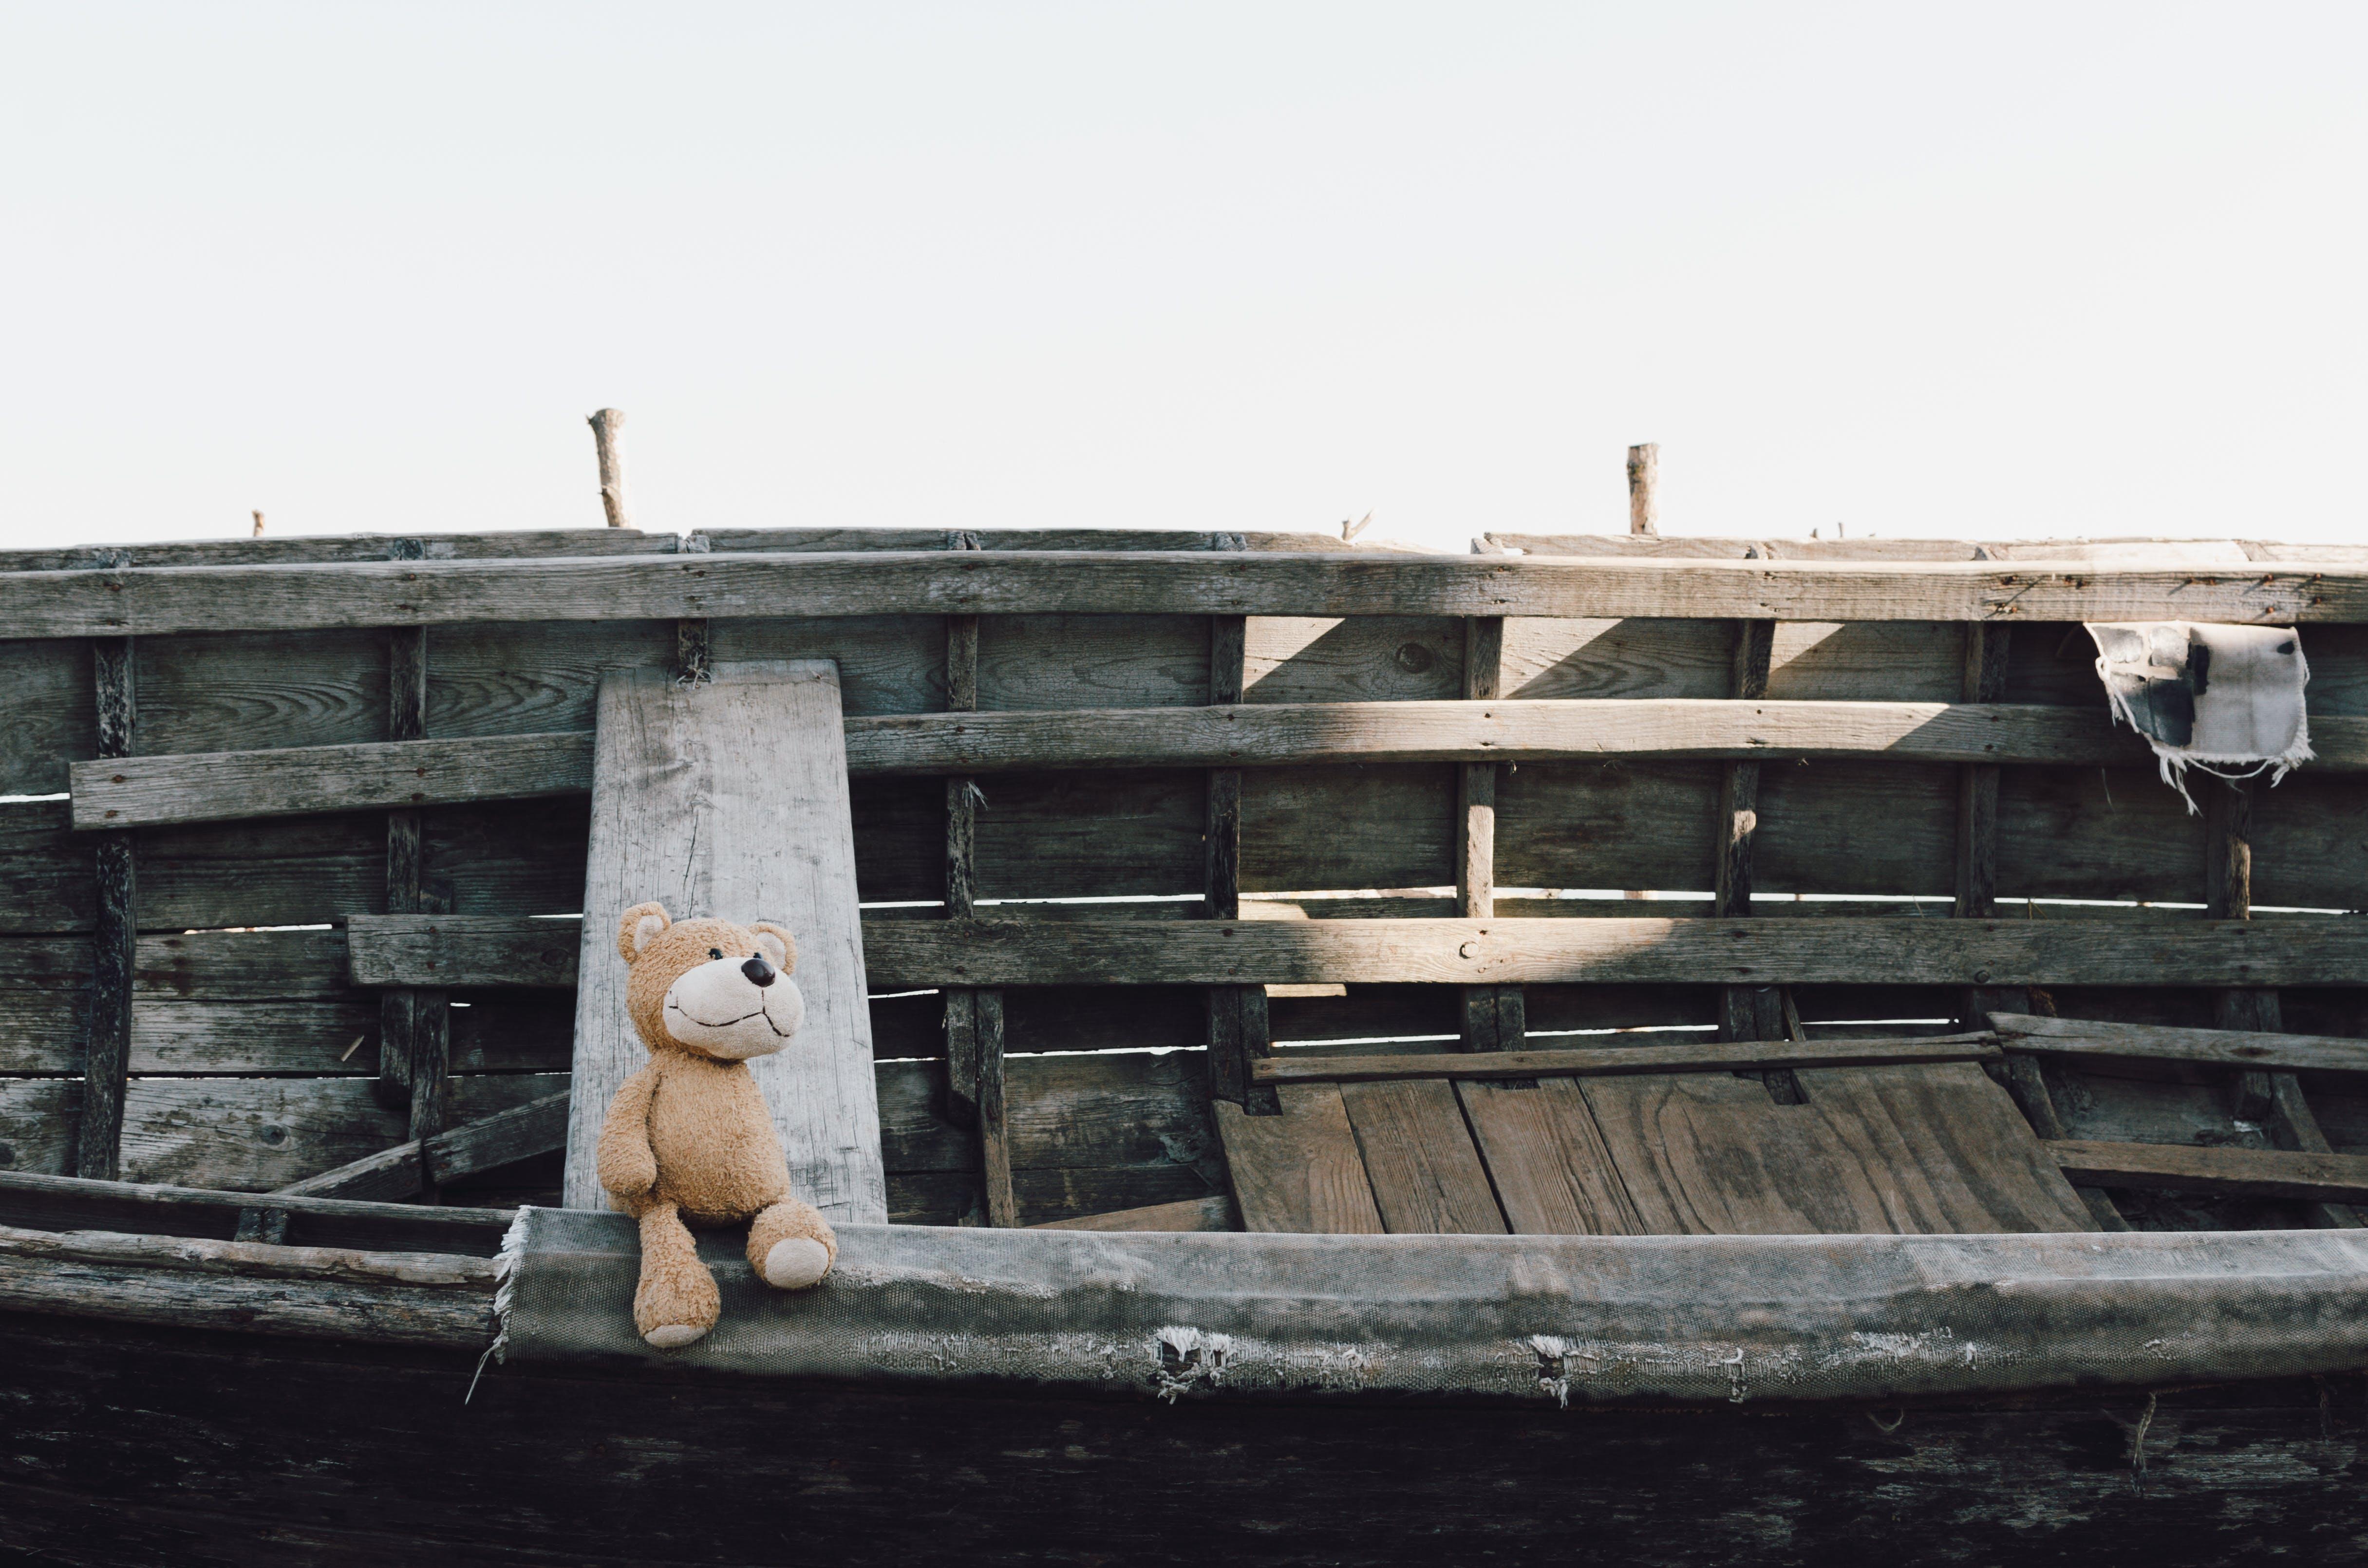 Δωρεάν στοκ φωτογραφιών με αρκουδάκι, βάρκα, βελούδινο παιχνίδι, γεμισμένο παιχνίδι